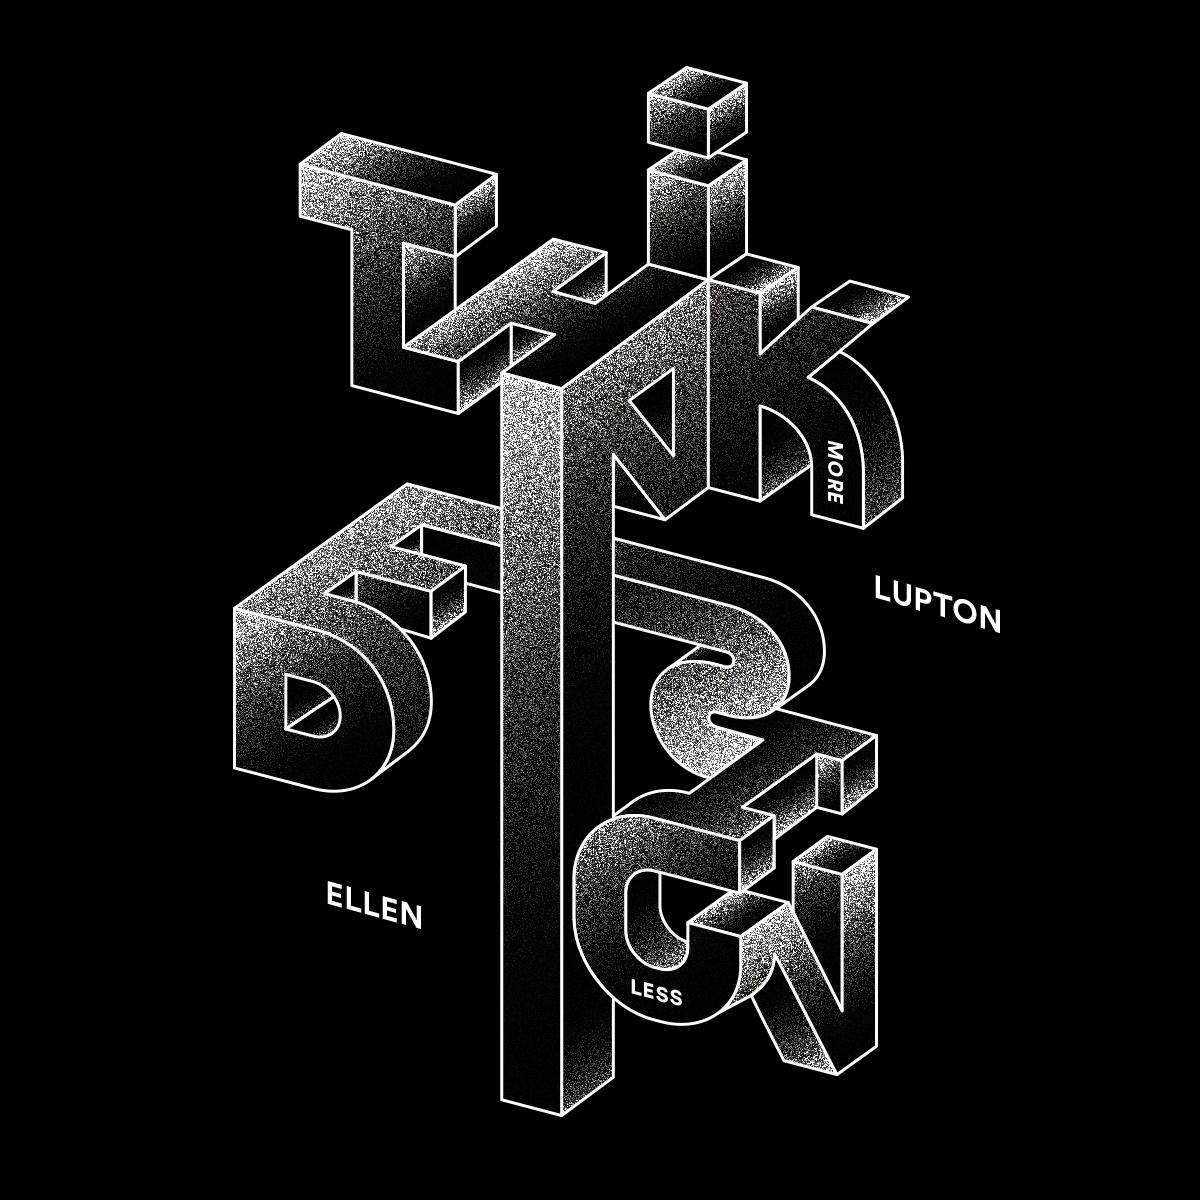 2_Think_ELLEN_LUPTON.jpg